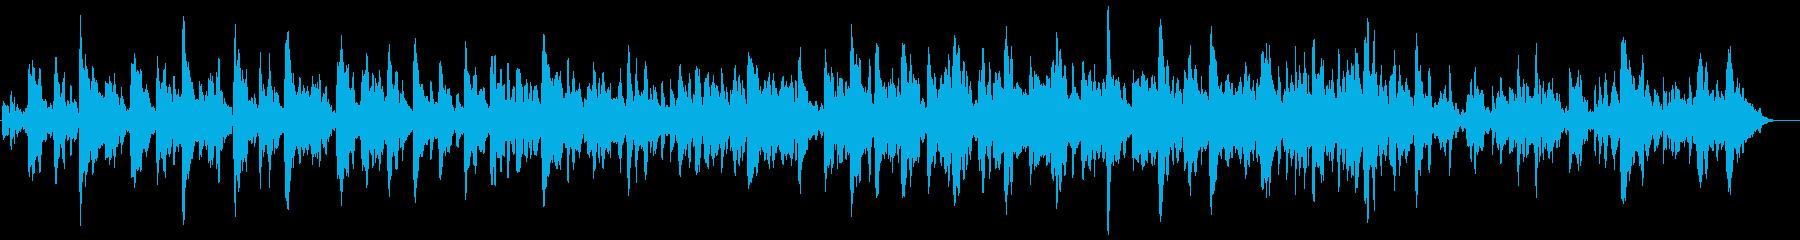 ベルのキラキラな曲の再生済みの波形